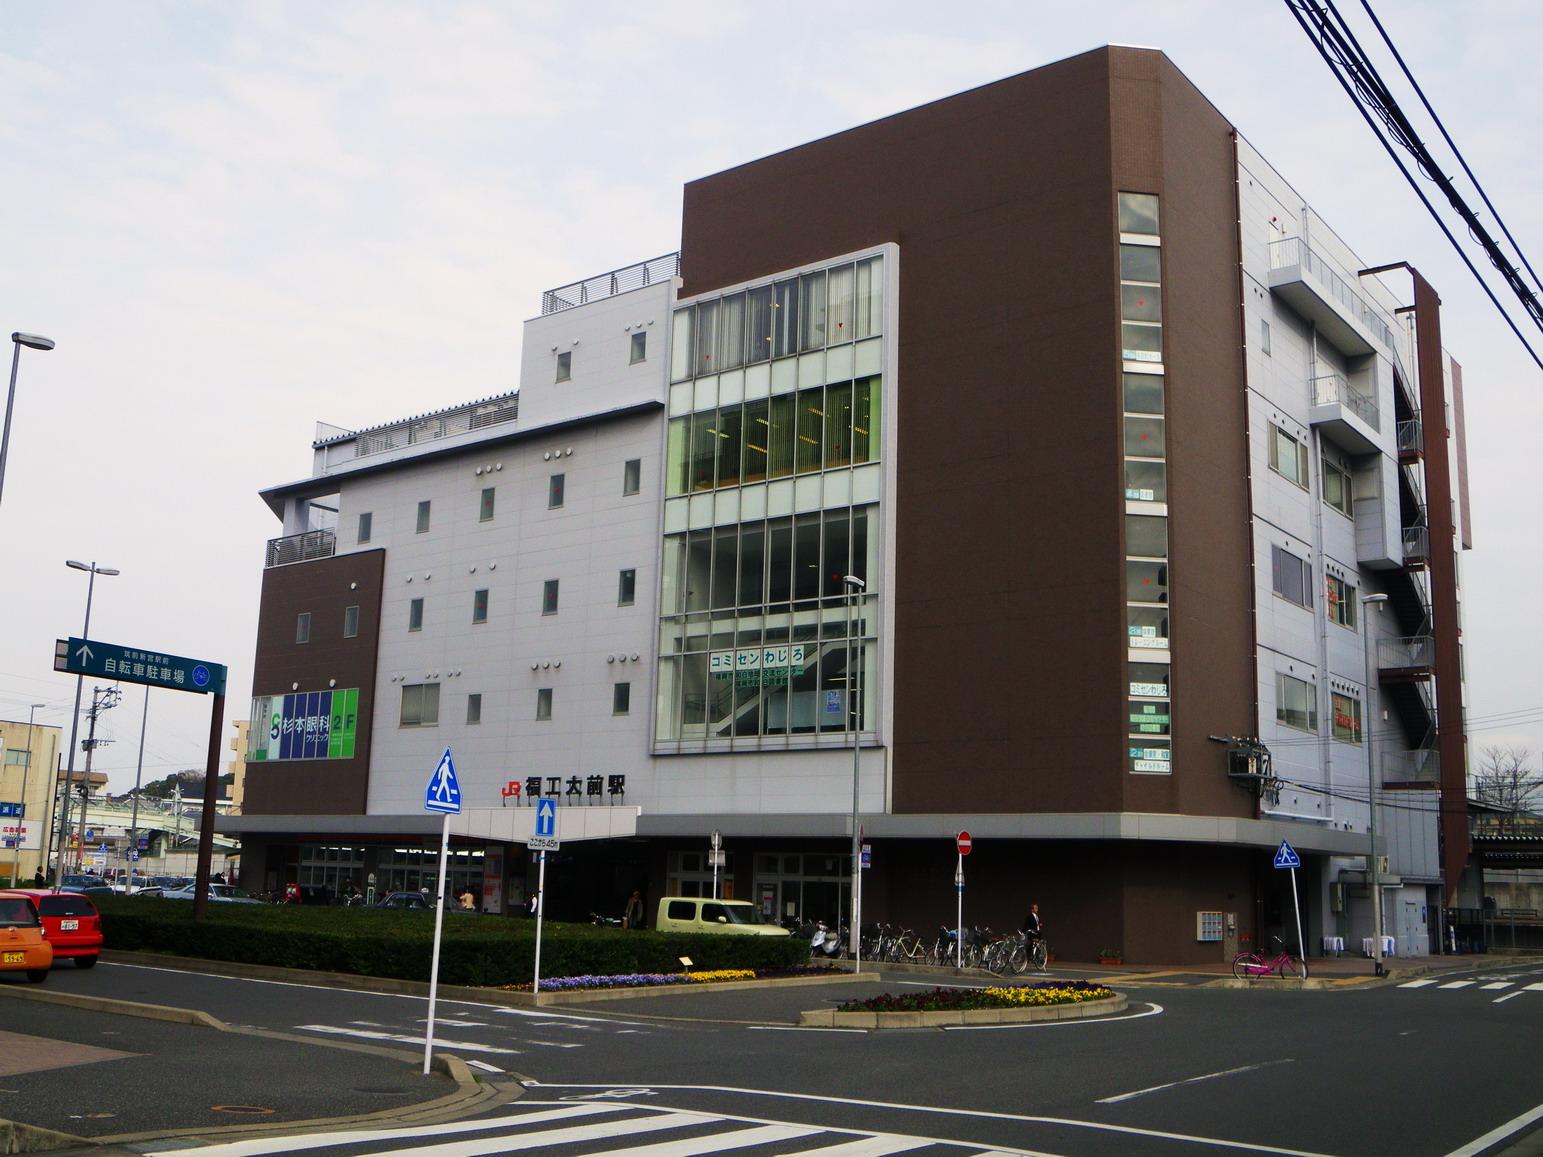 福工大前駅 - Wikipedia